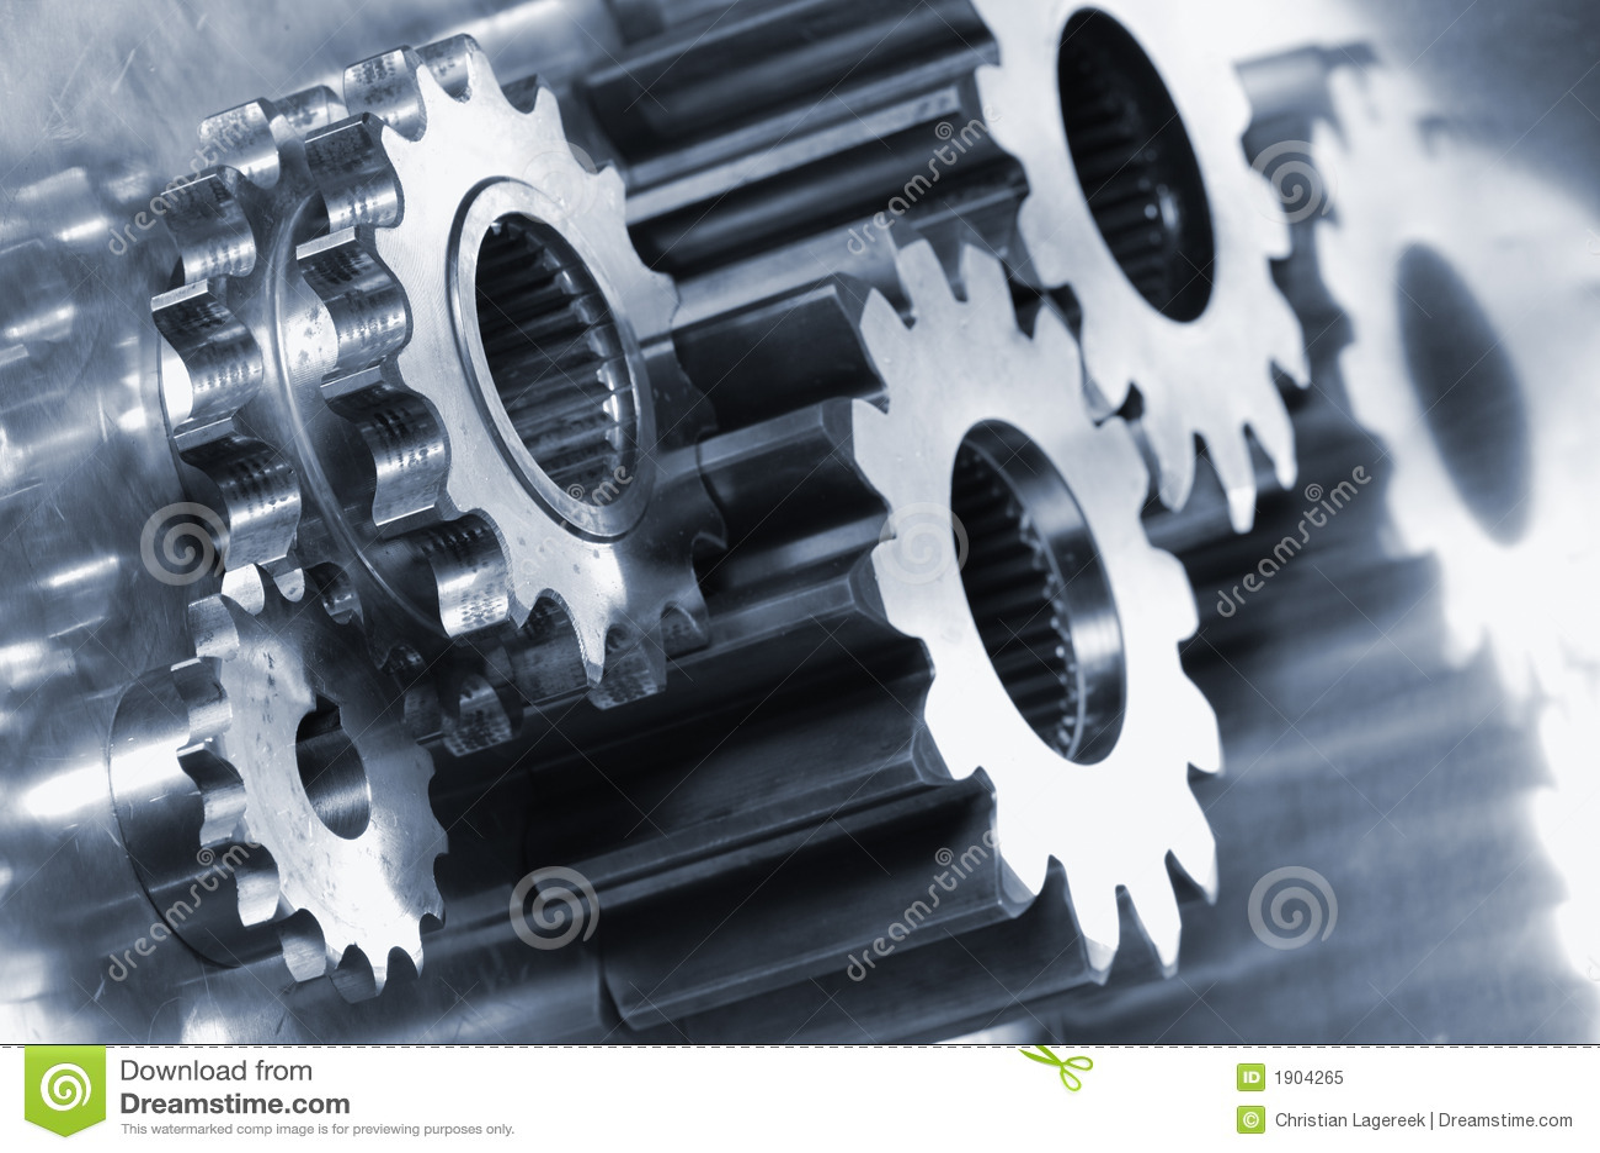 Koncepcja biegu tytanu maszyn